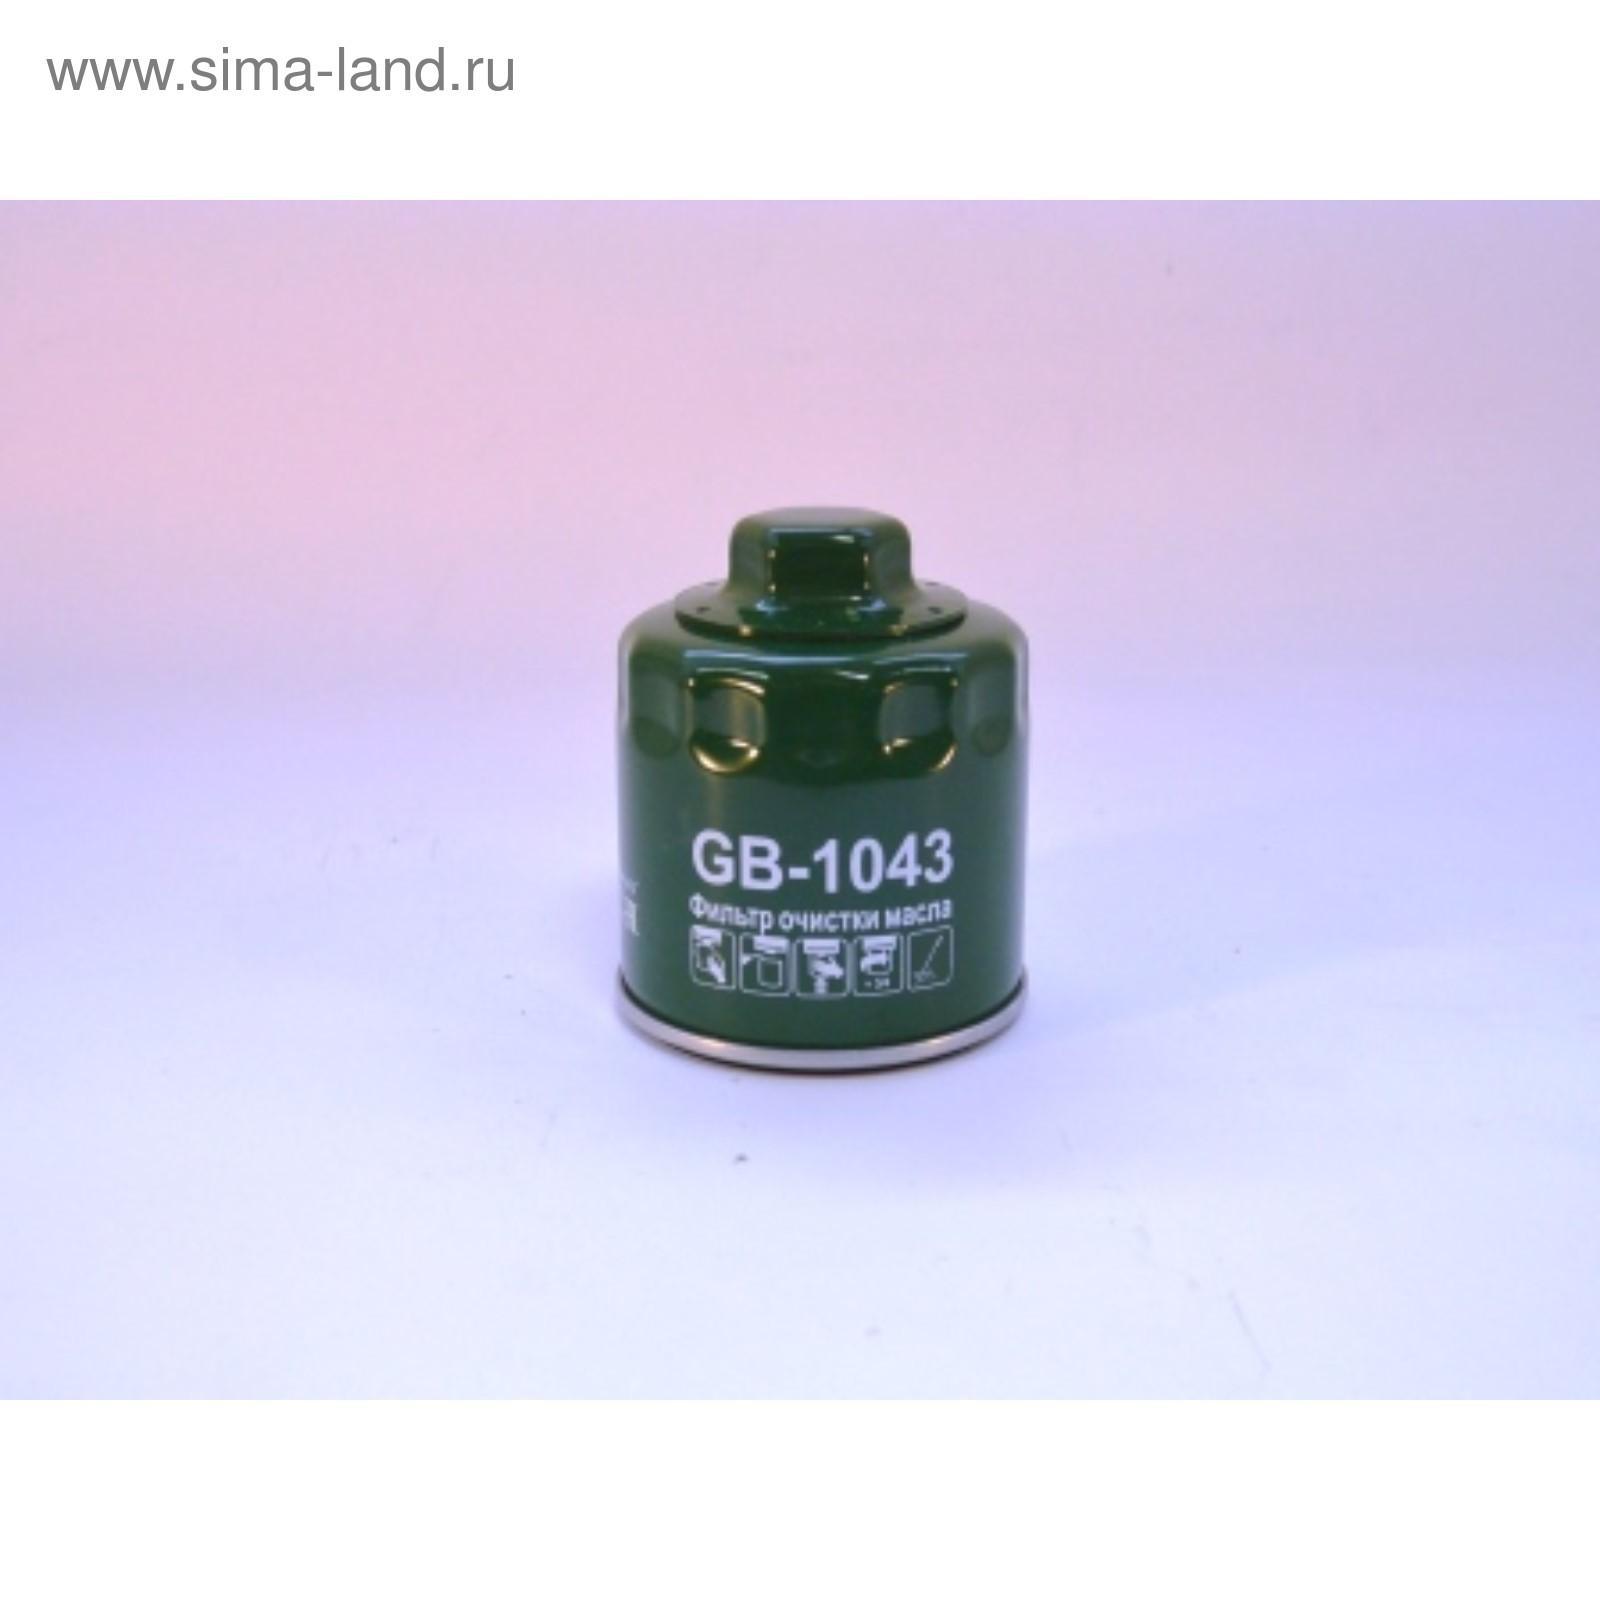 Фильтр масляный BIG FILTER GB-1043